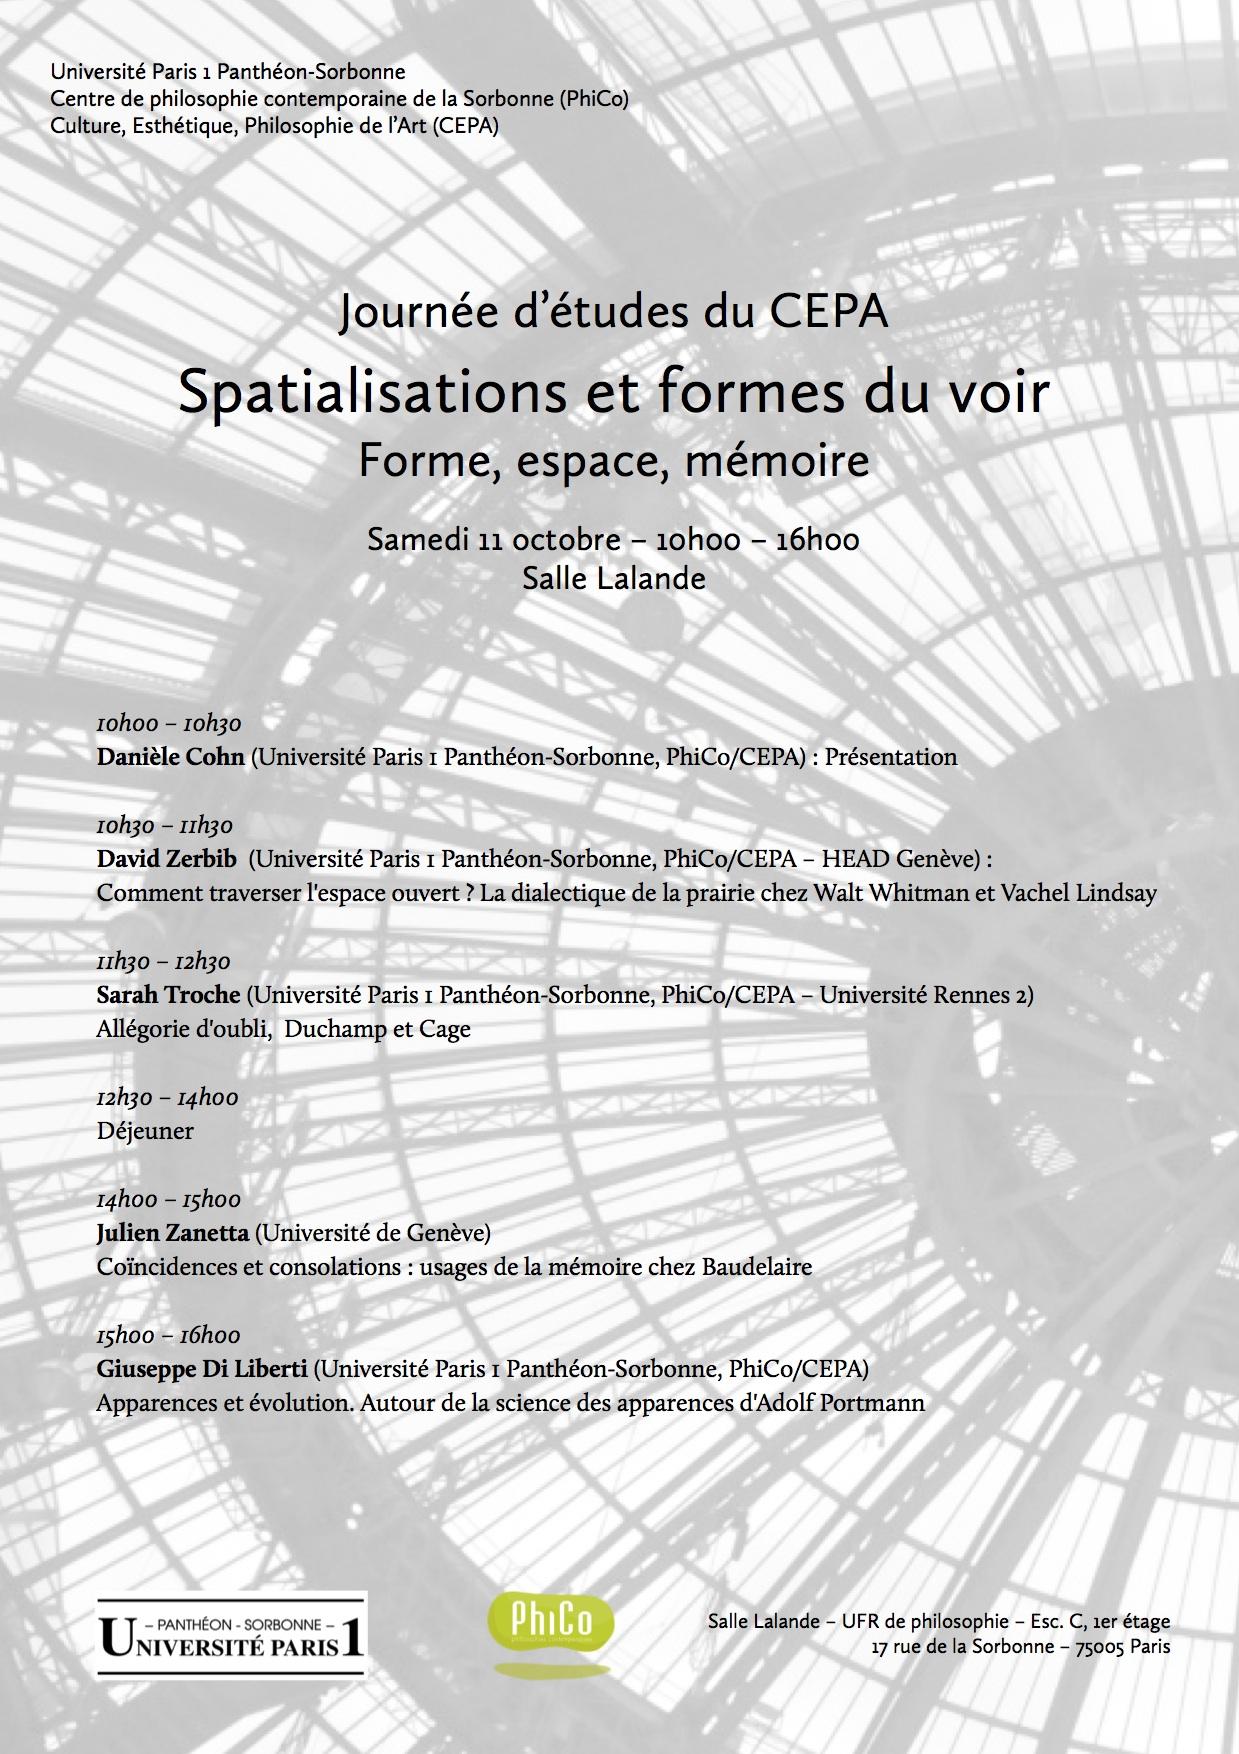 Journée d'études du CEPA - octobre